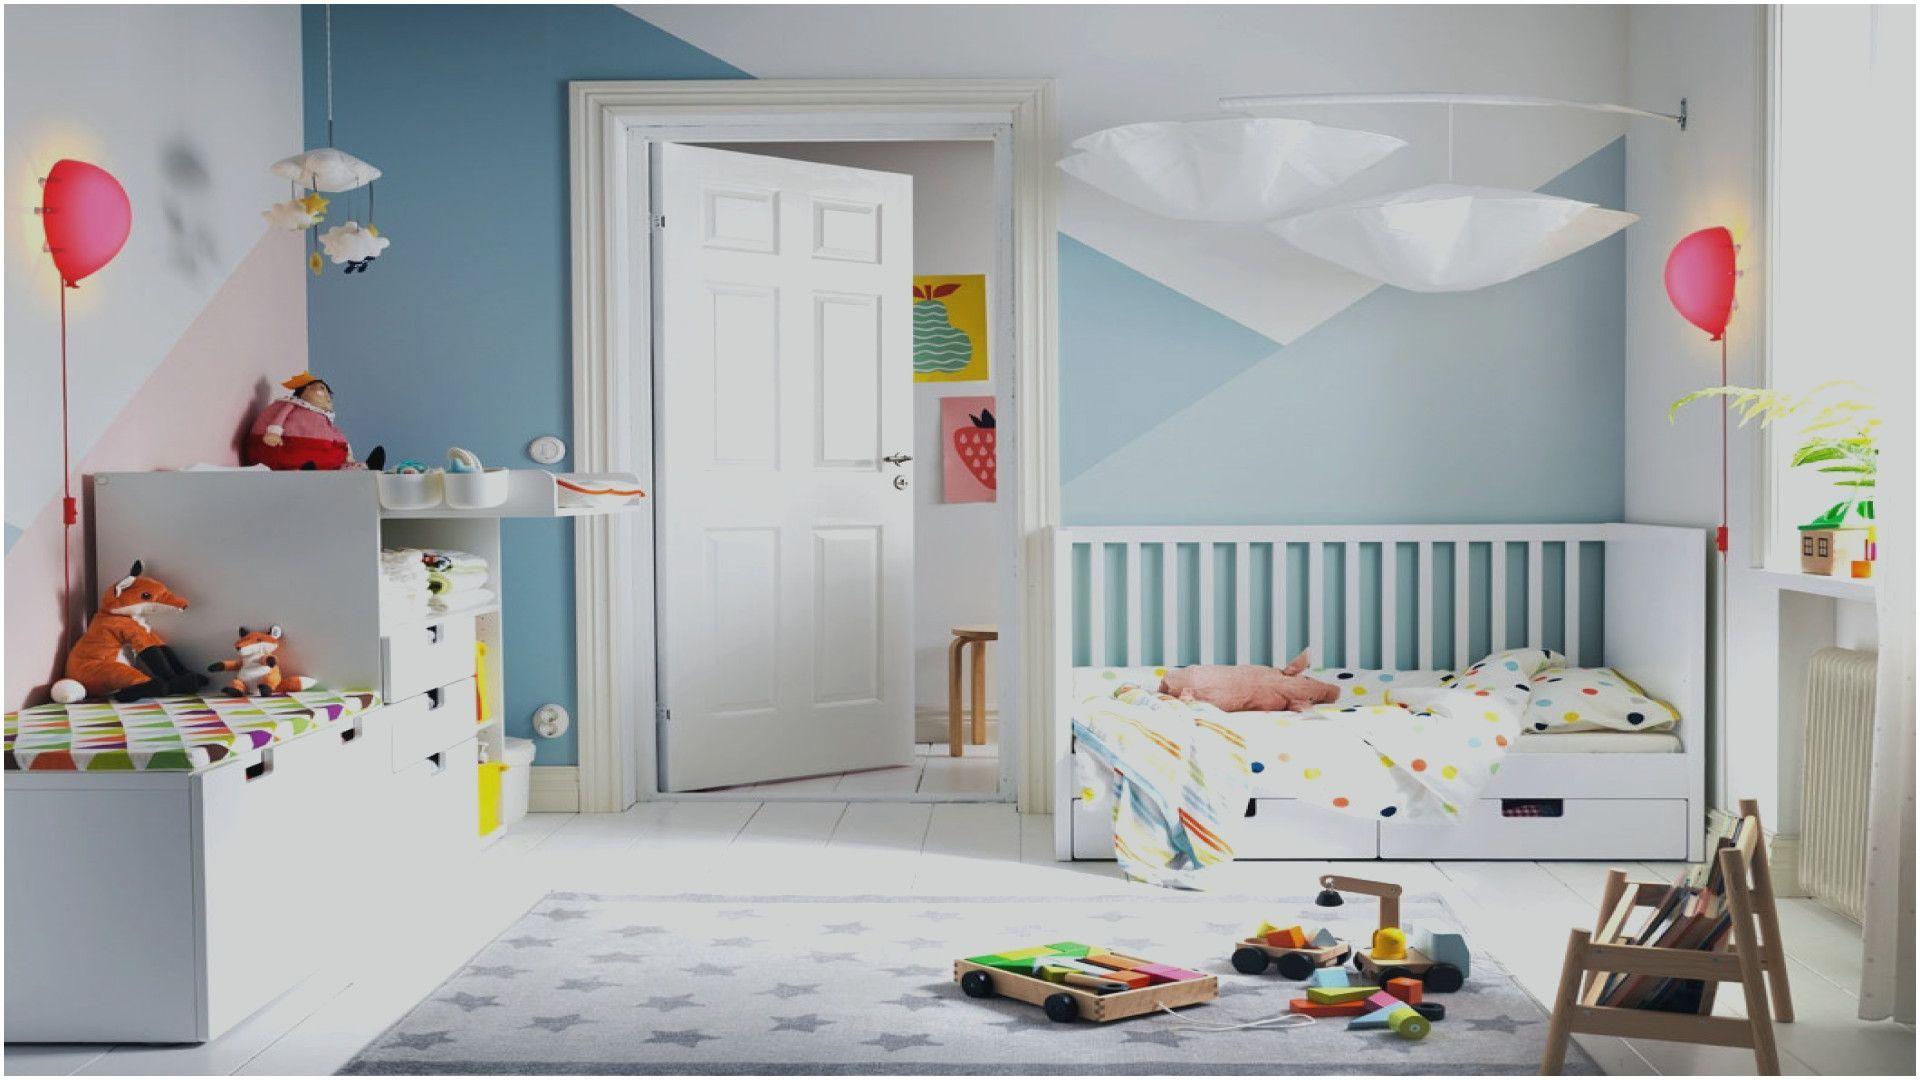 Kinderzimmer 2 jahre. Kinderzimmer Junge 2 Jahre. 2019-11-19